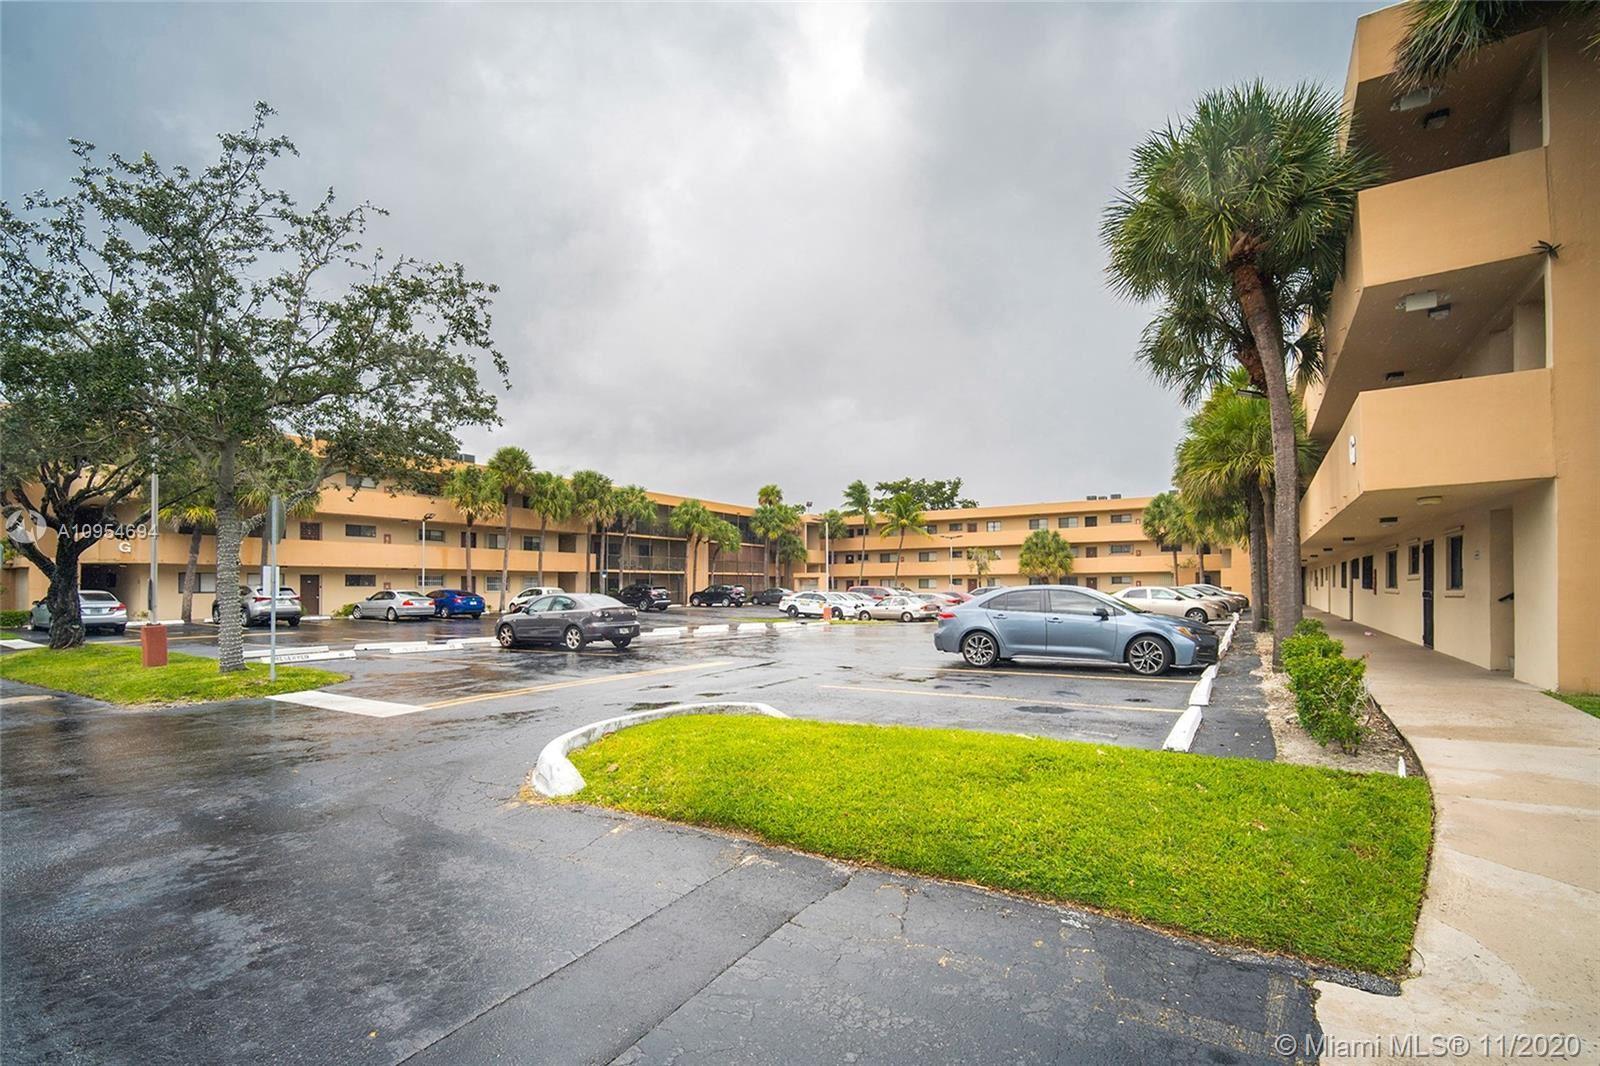 8415 SW 107th Ave #168W, Miami, FL 33173 - #: A10954694